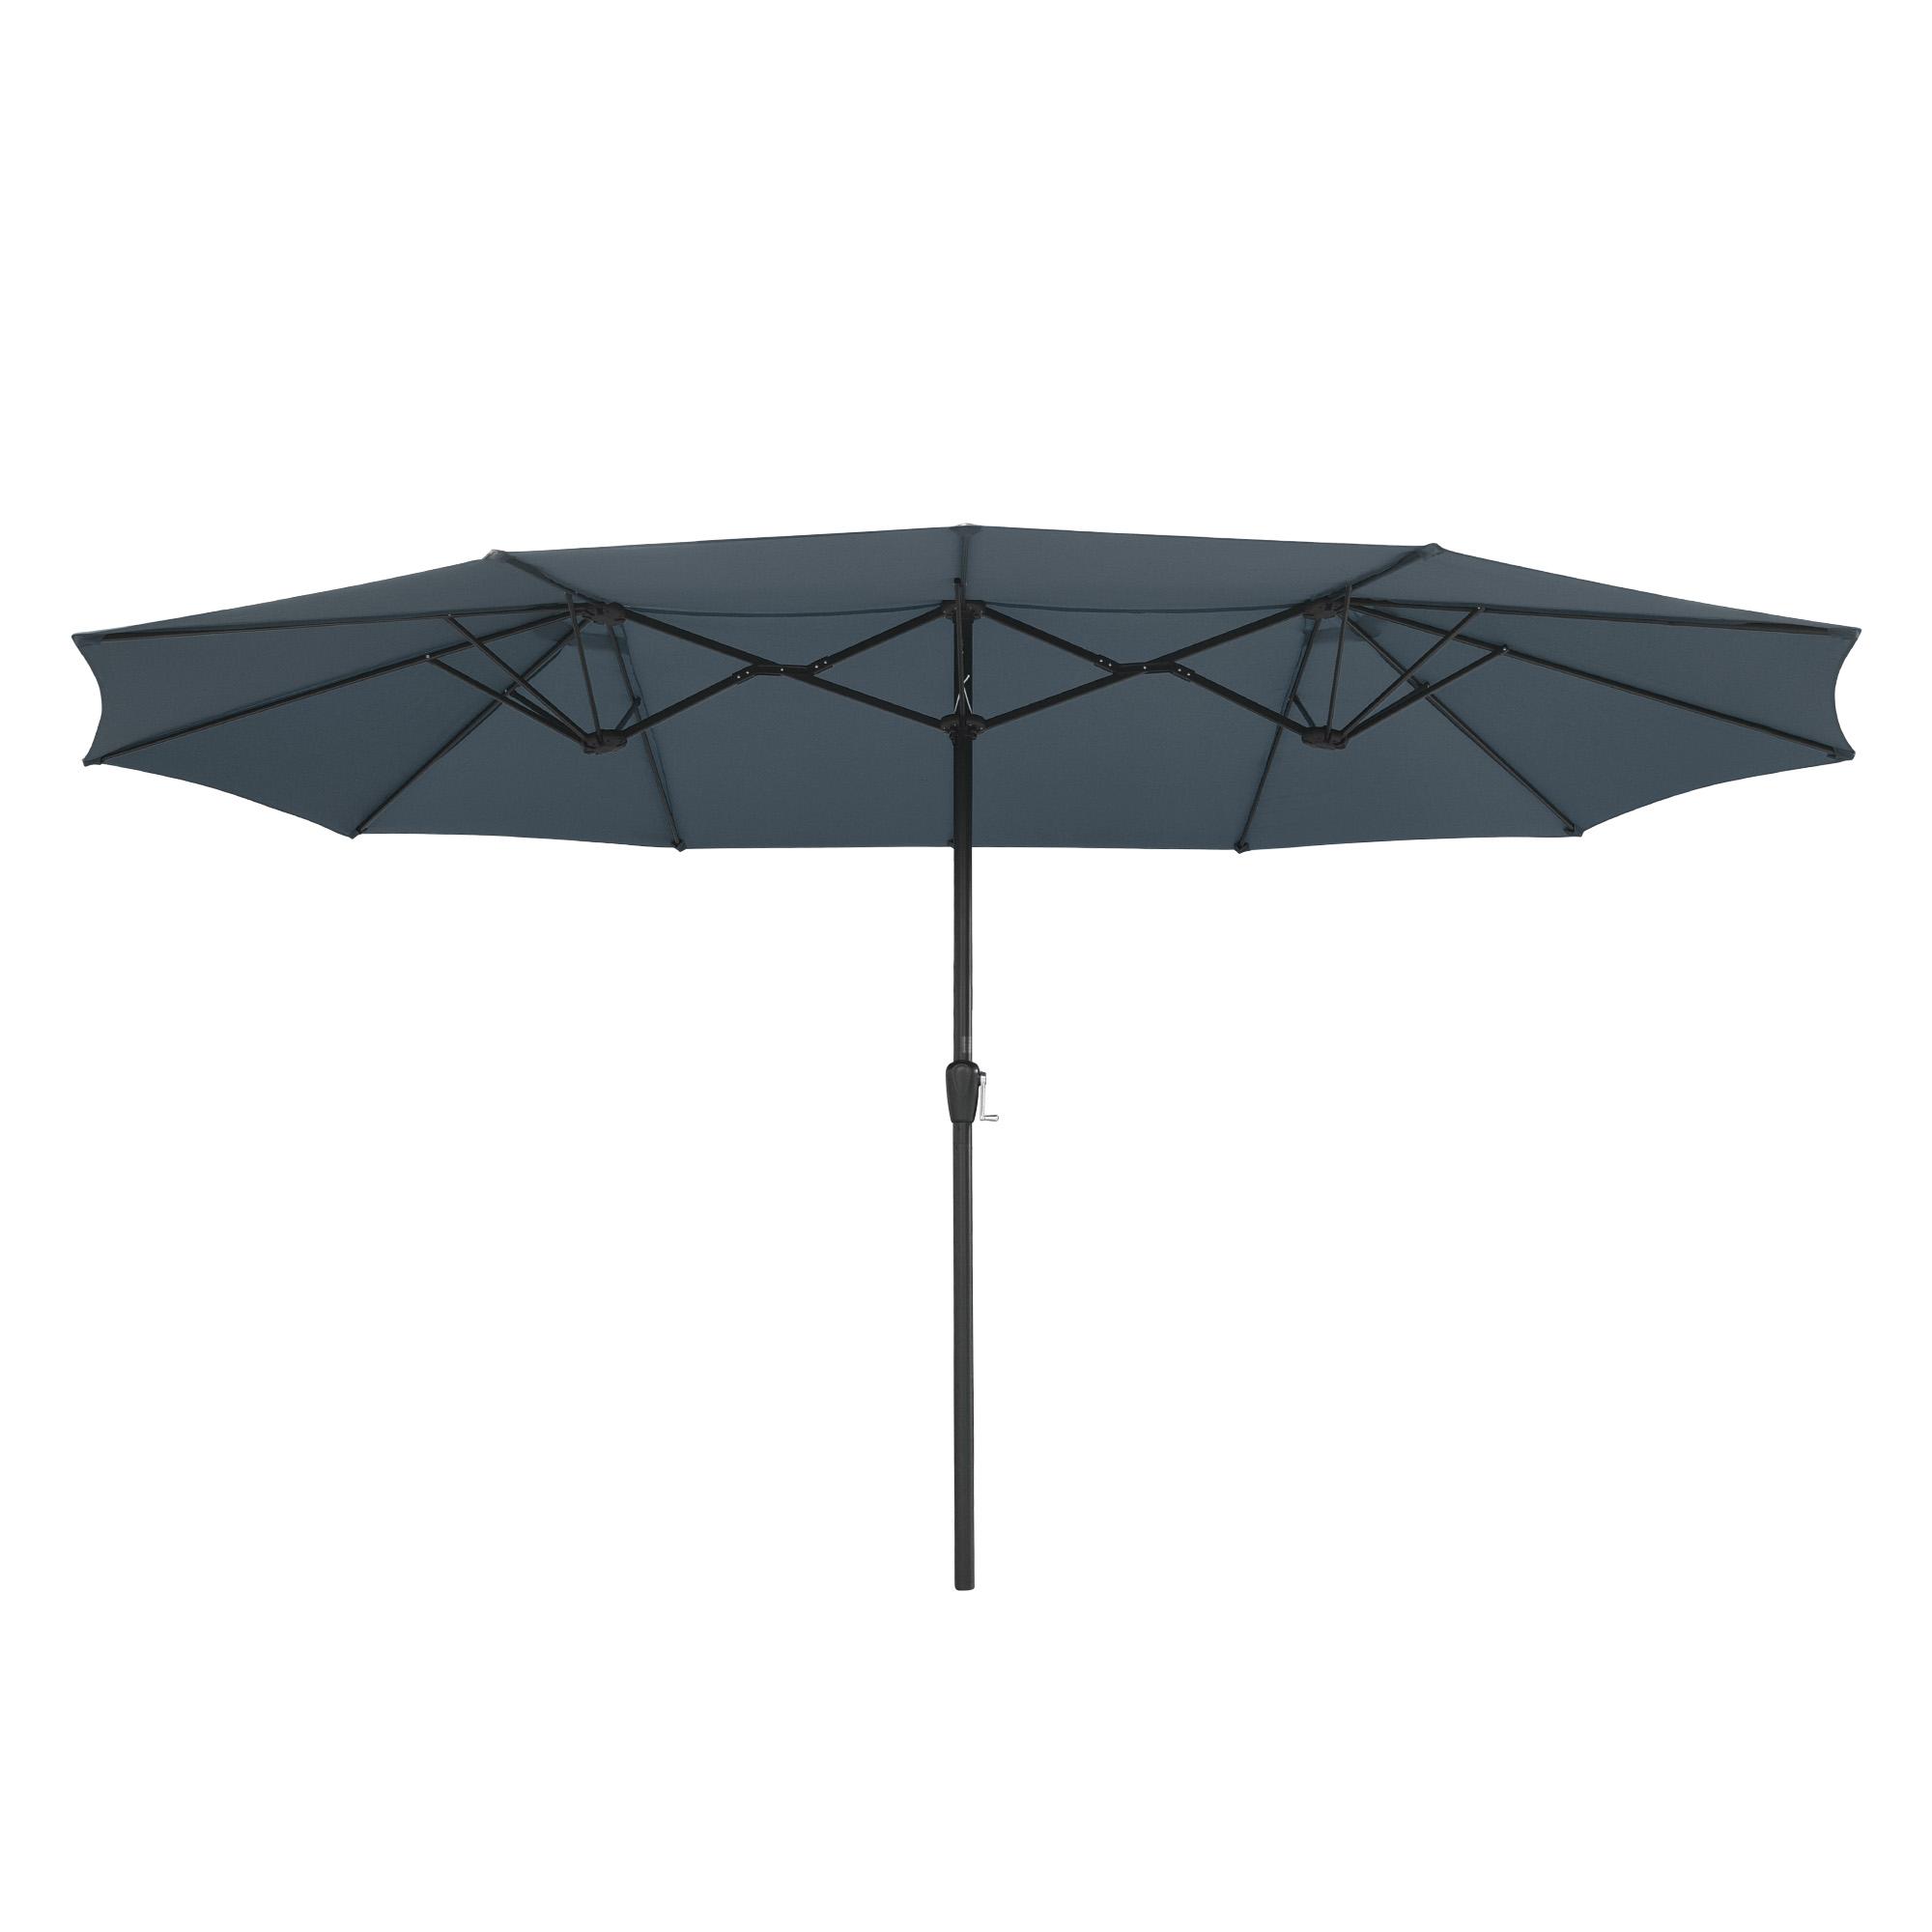 thumbnail 33 - 15ft Patio Twin Umbrella Double-sided Market Crank Outdoor Garden Parasol Shade